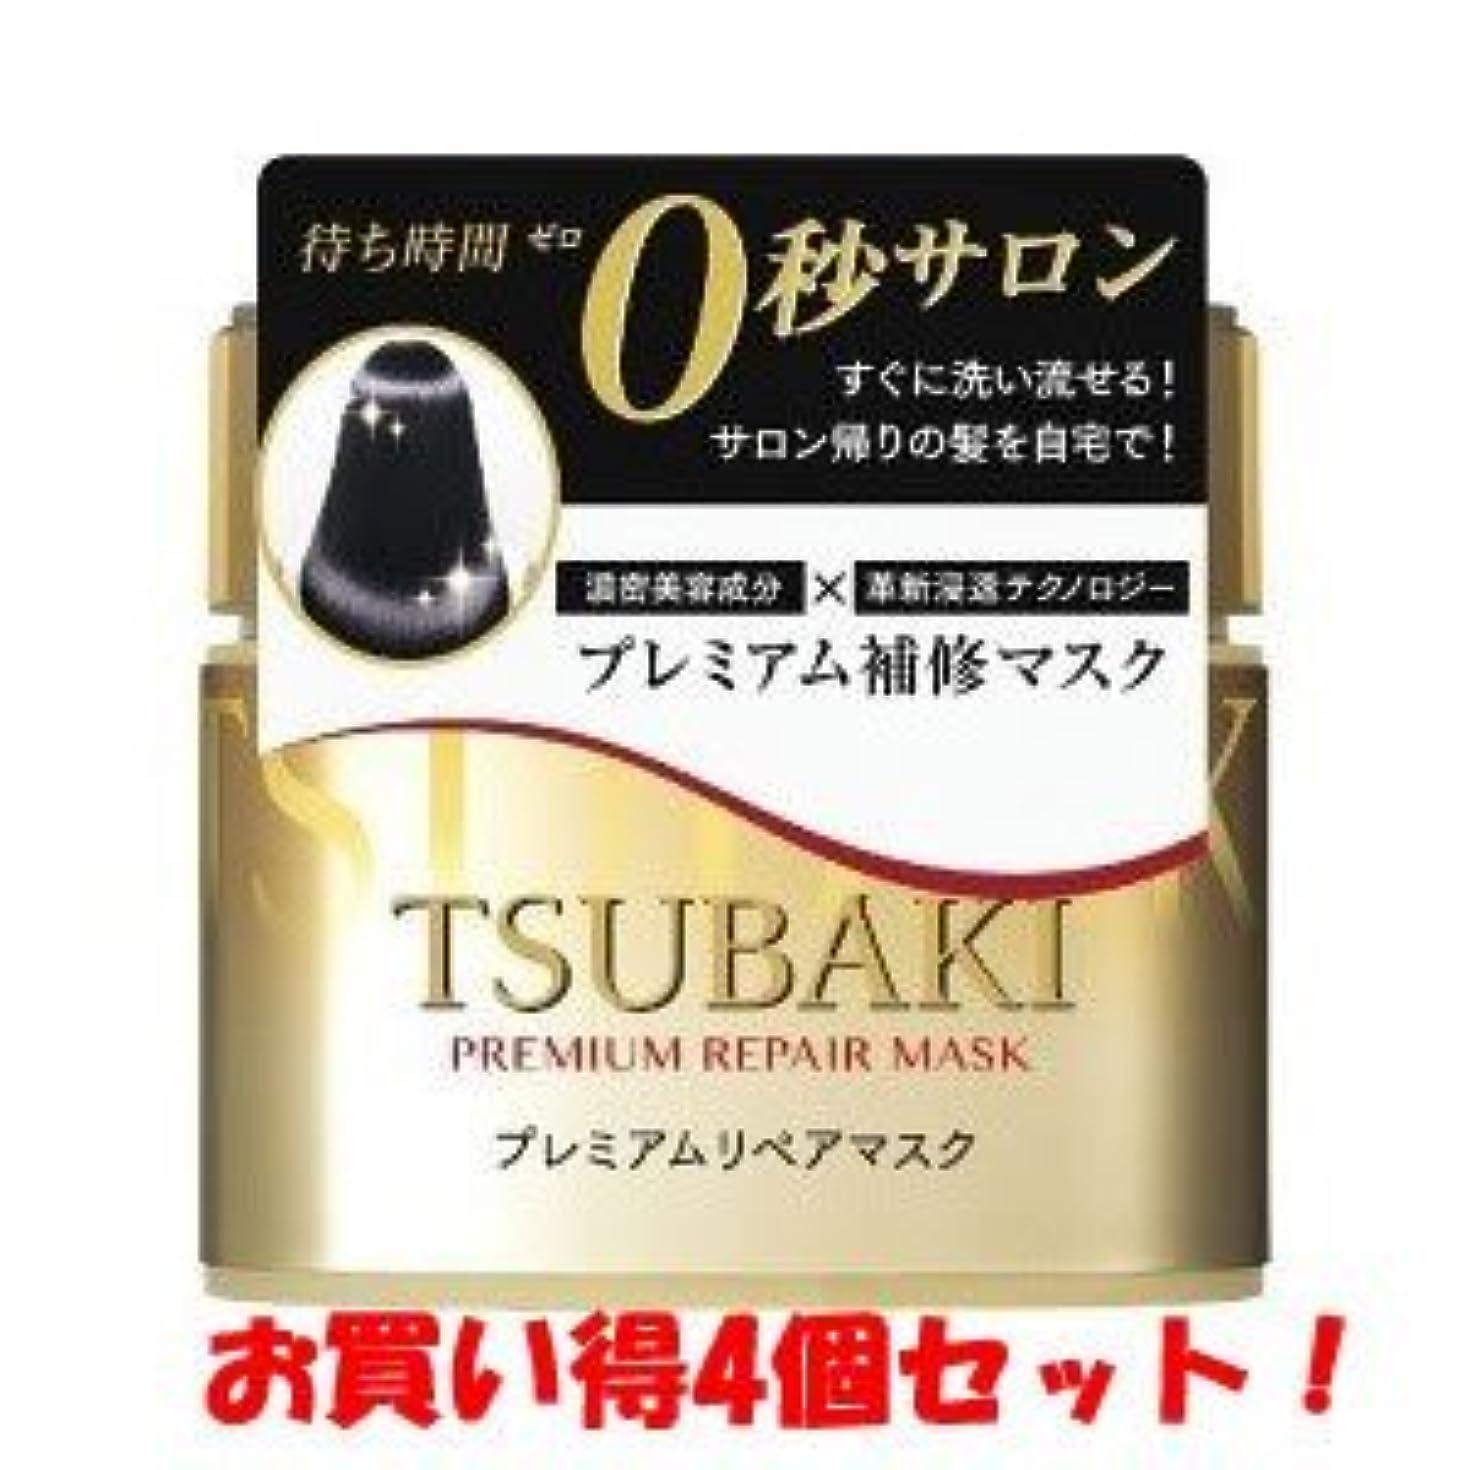 人類の頭の上キャンバス(2017年の新商品)(資生堂)ツバキ(TSUBAKI) プレミアムリペアマスク 180g(お買い得4個セット)